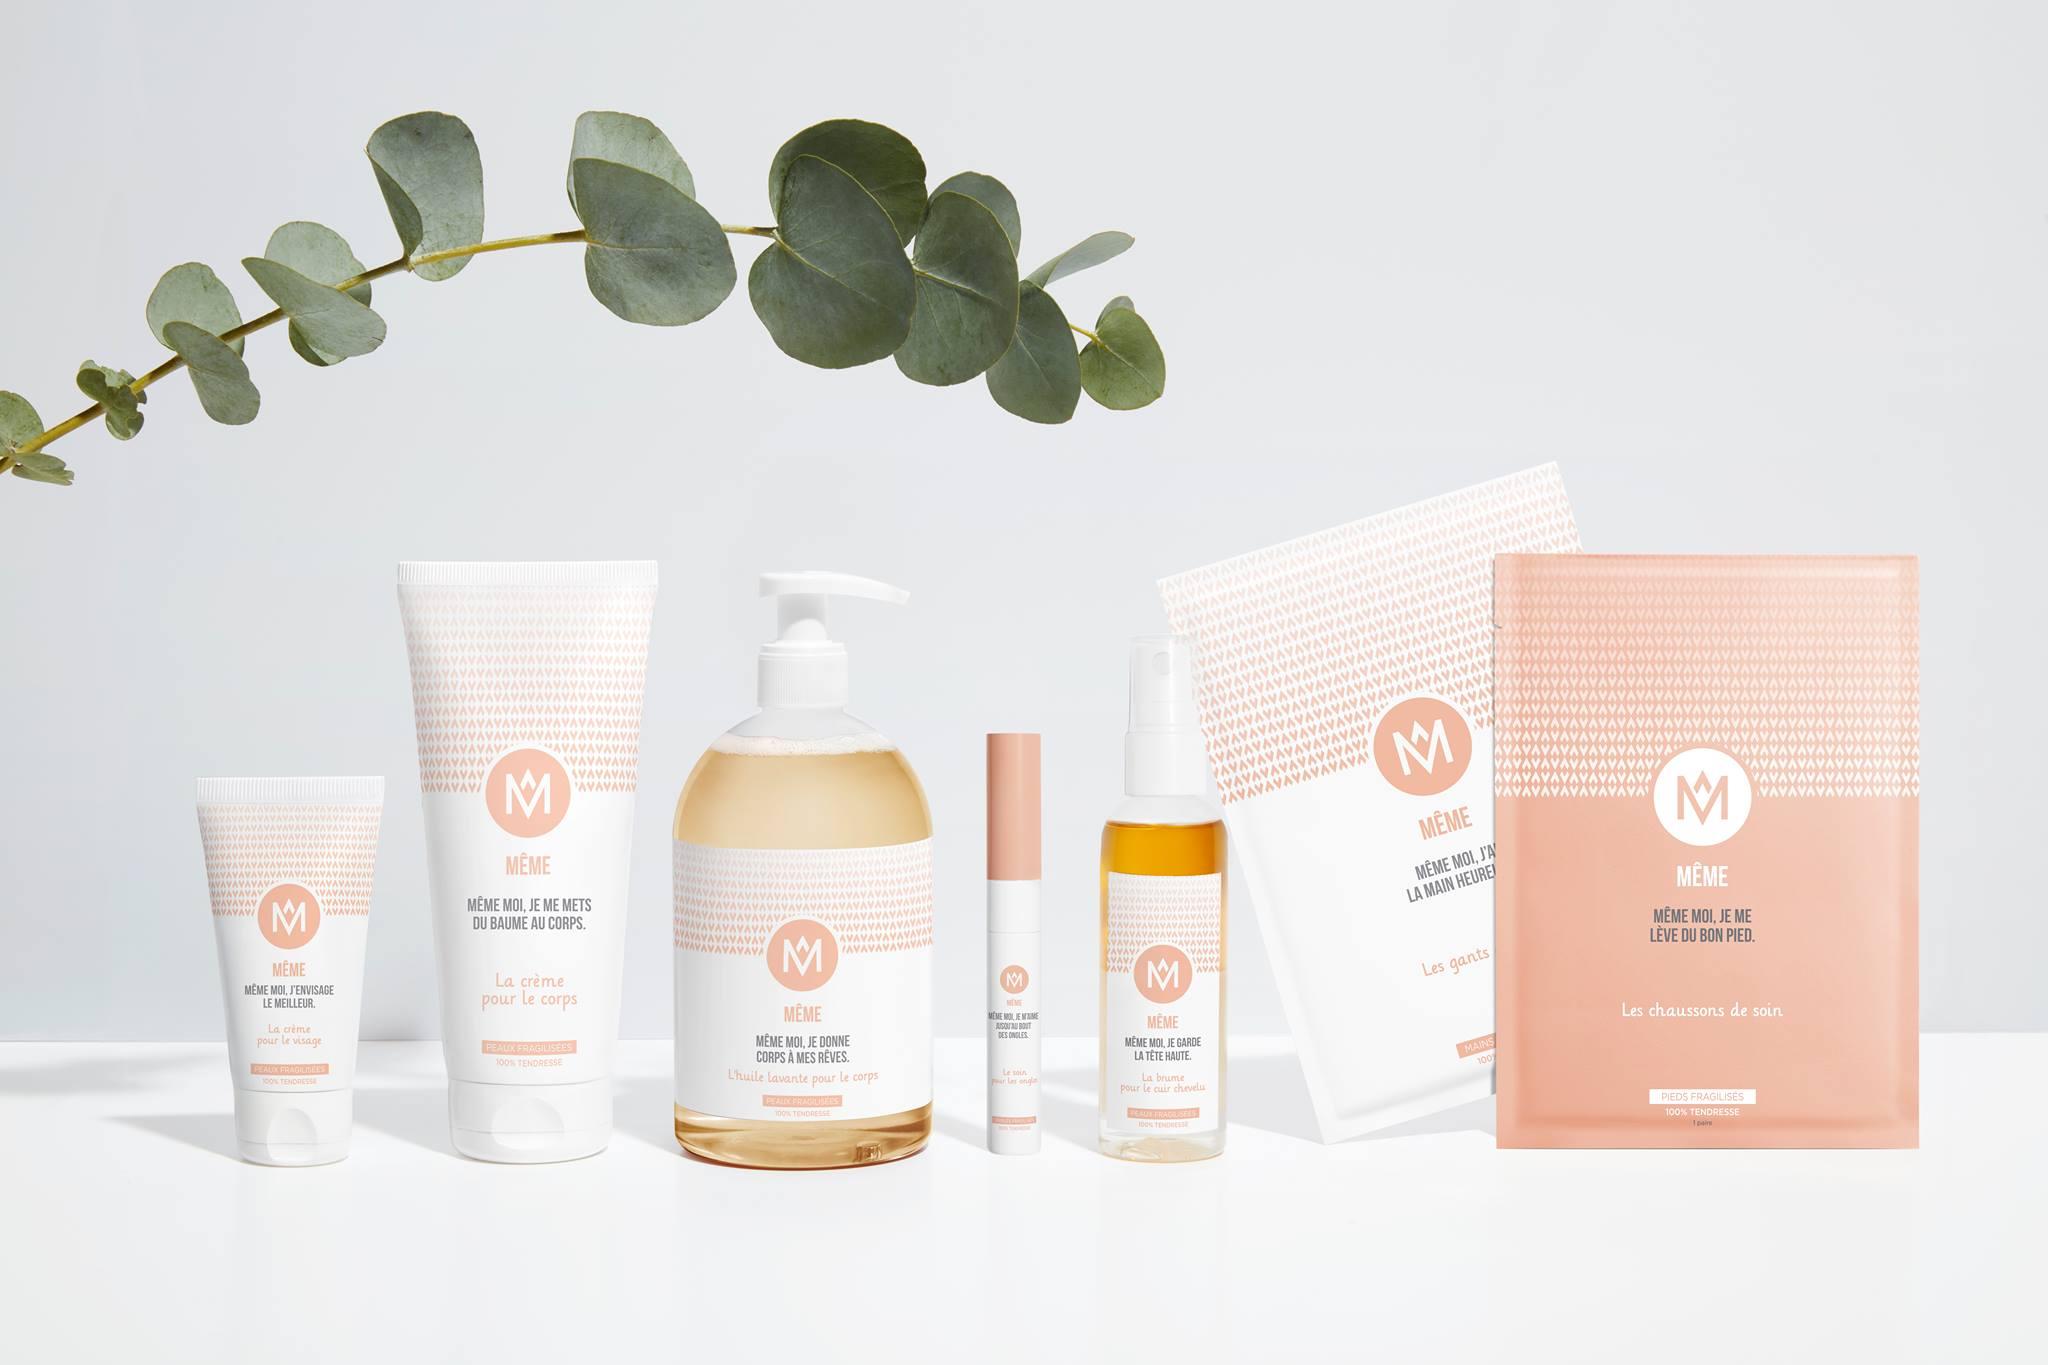 La gamme MÊME, 7 produits développés pour et par les femmes concernées par le cancer